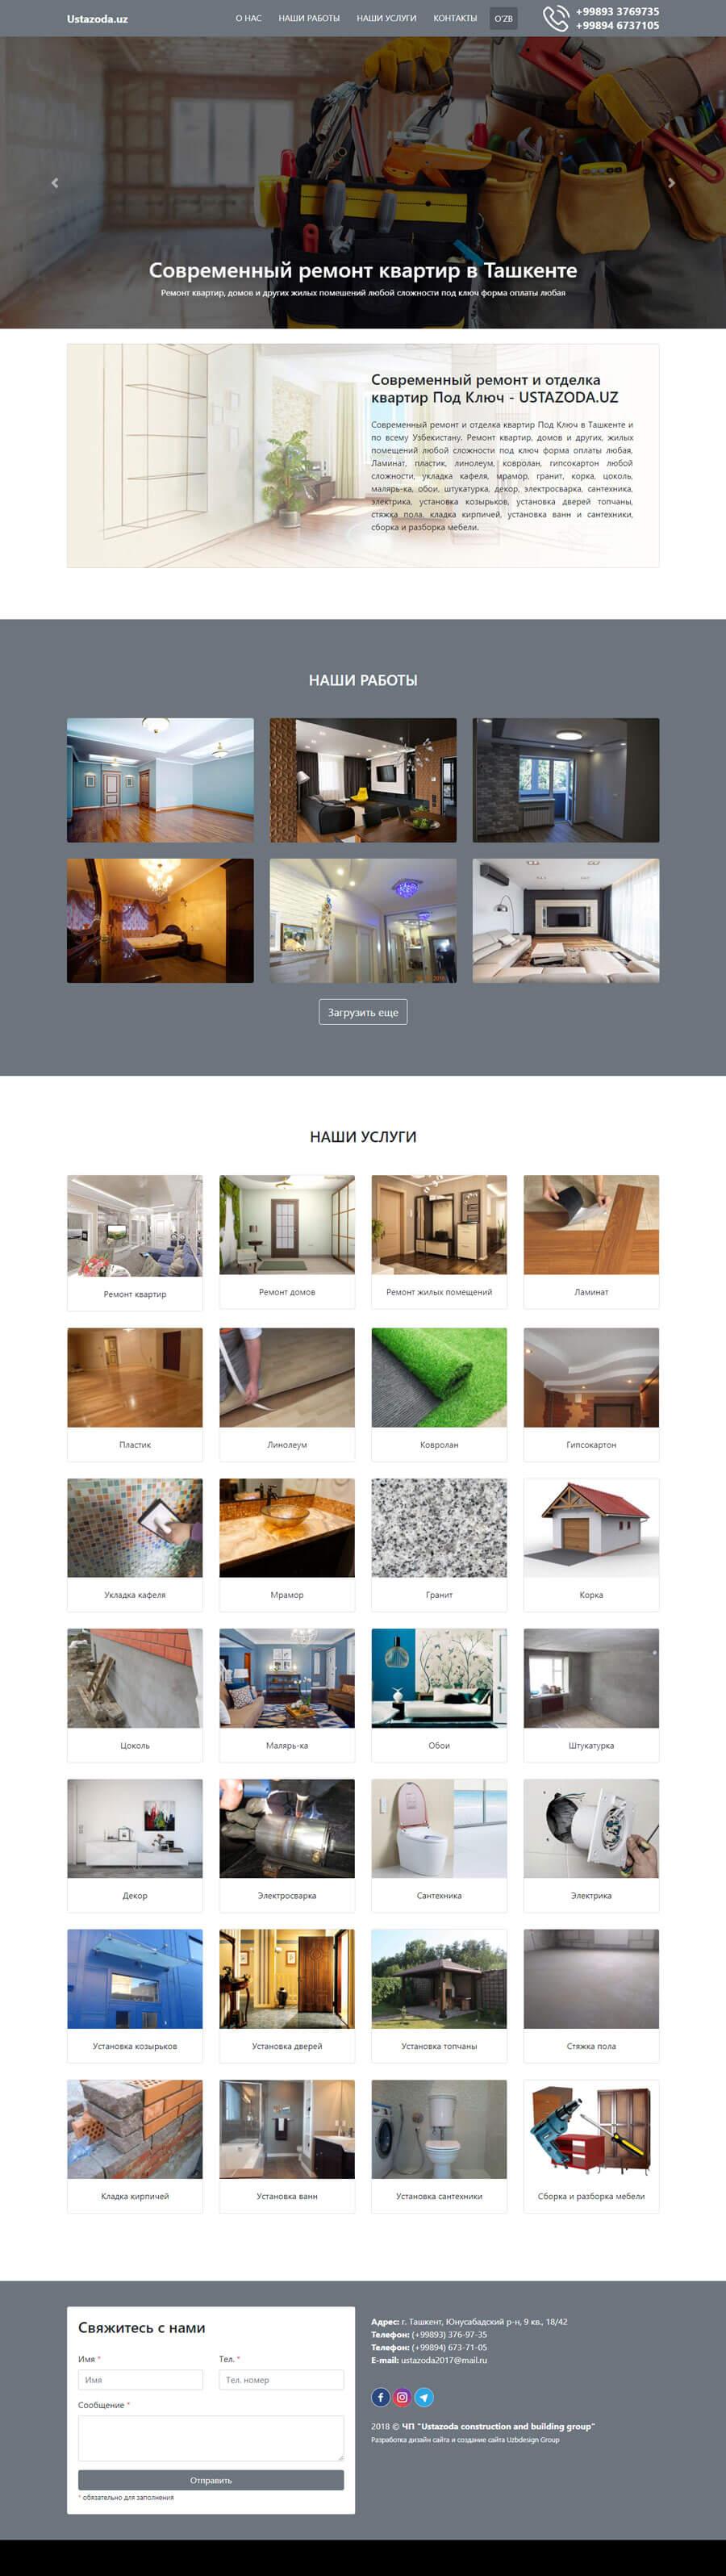 Редизайн сайта и создание сайта для Ustazoda.uz